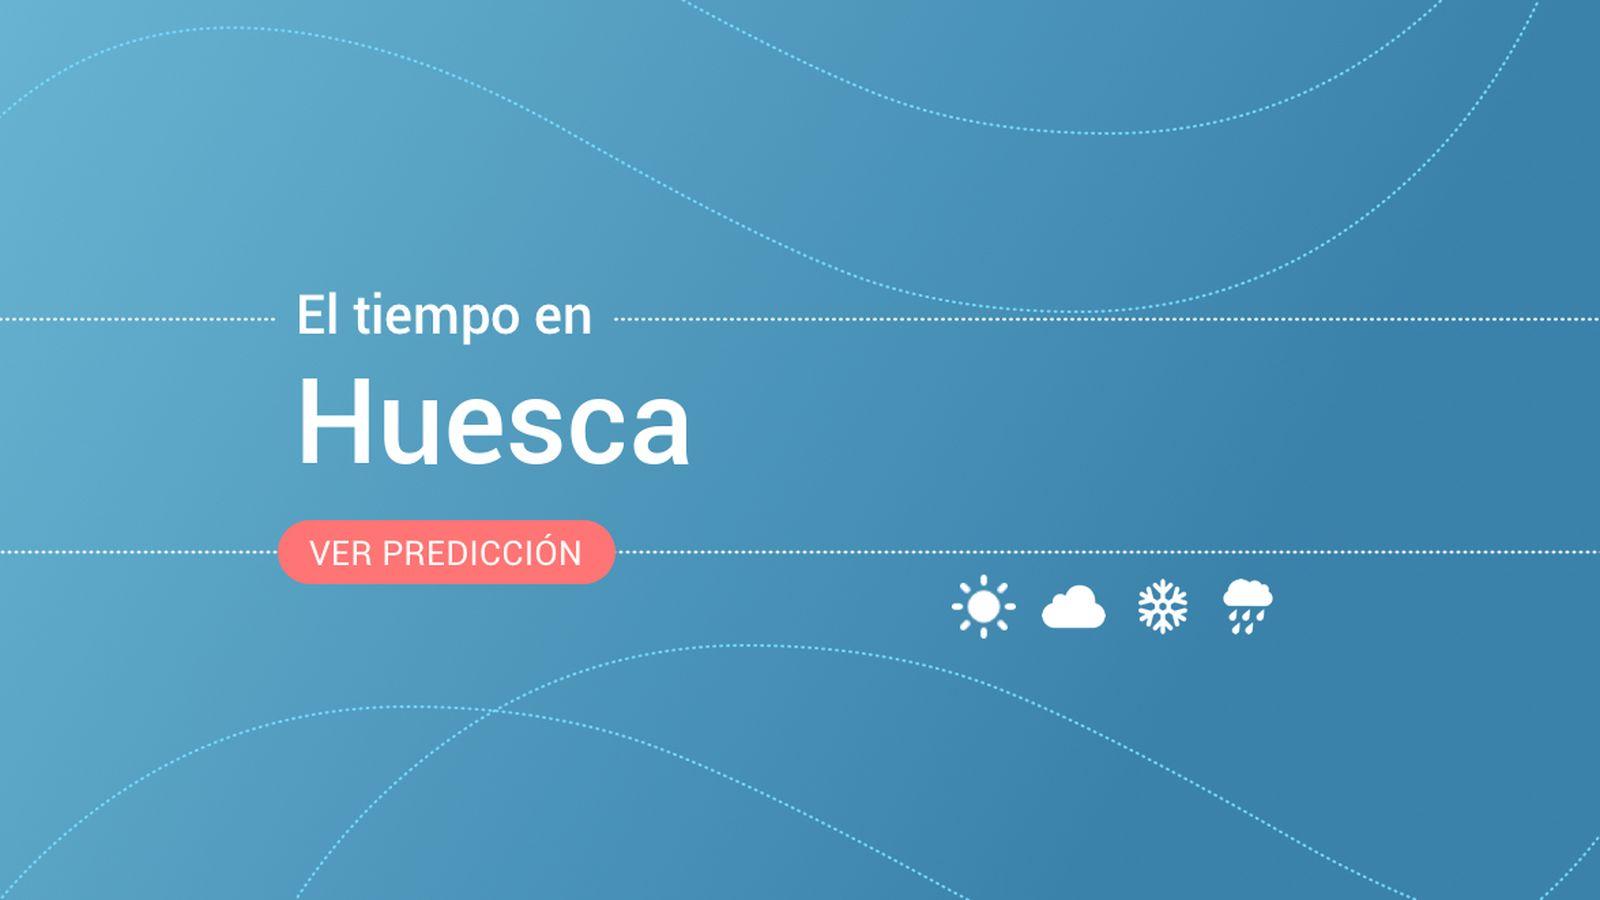 Foto: El tiempo en Huesca. (EC)